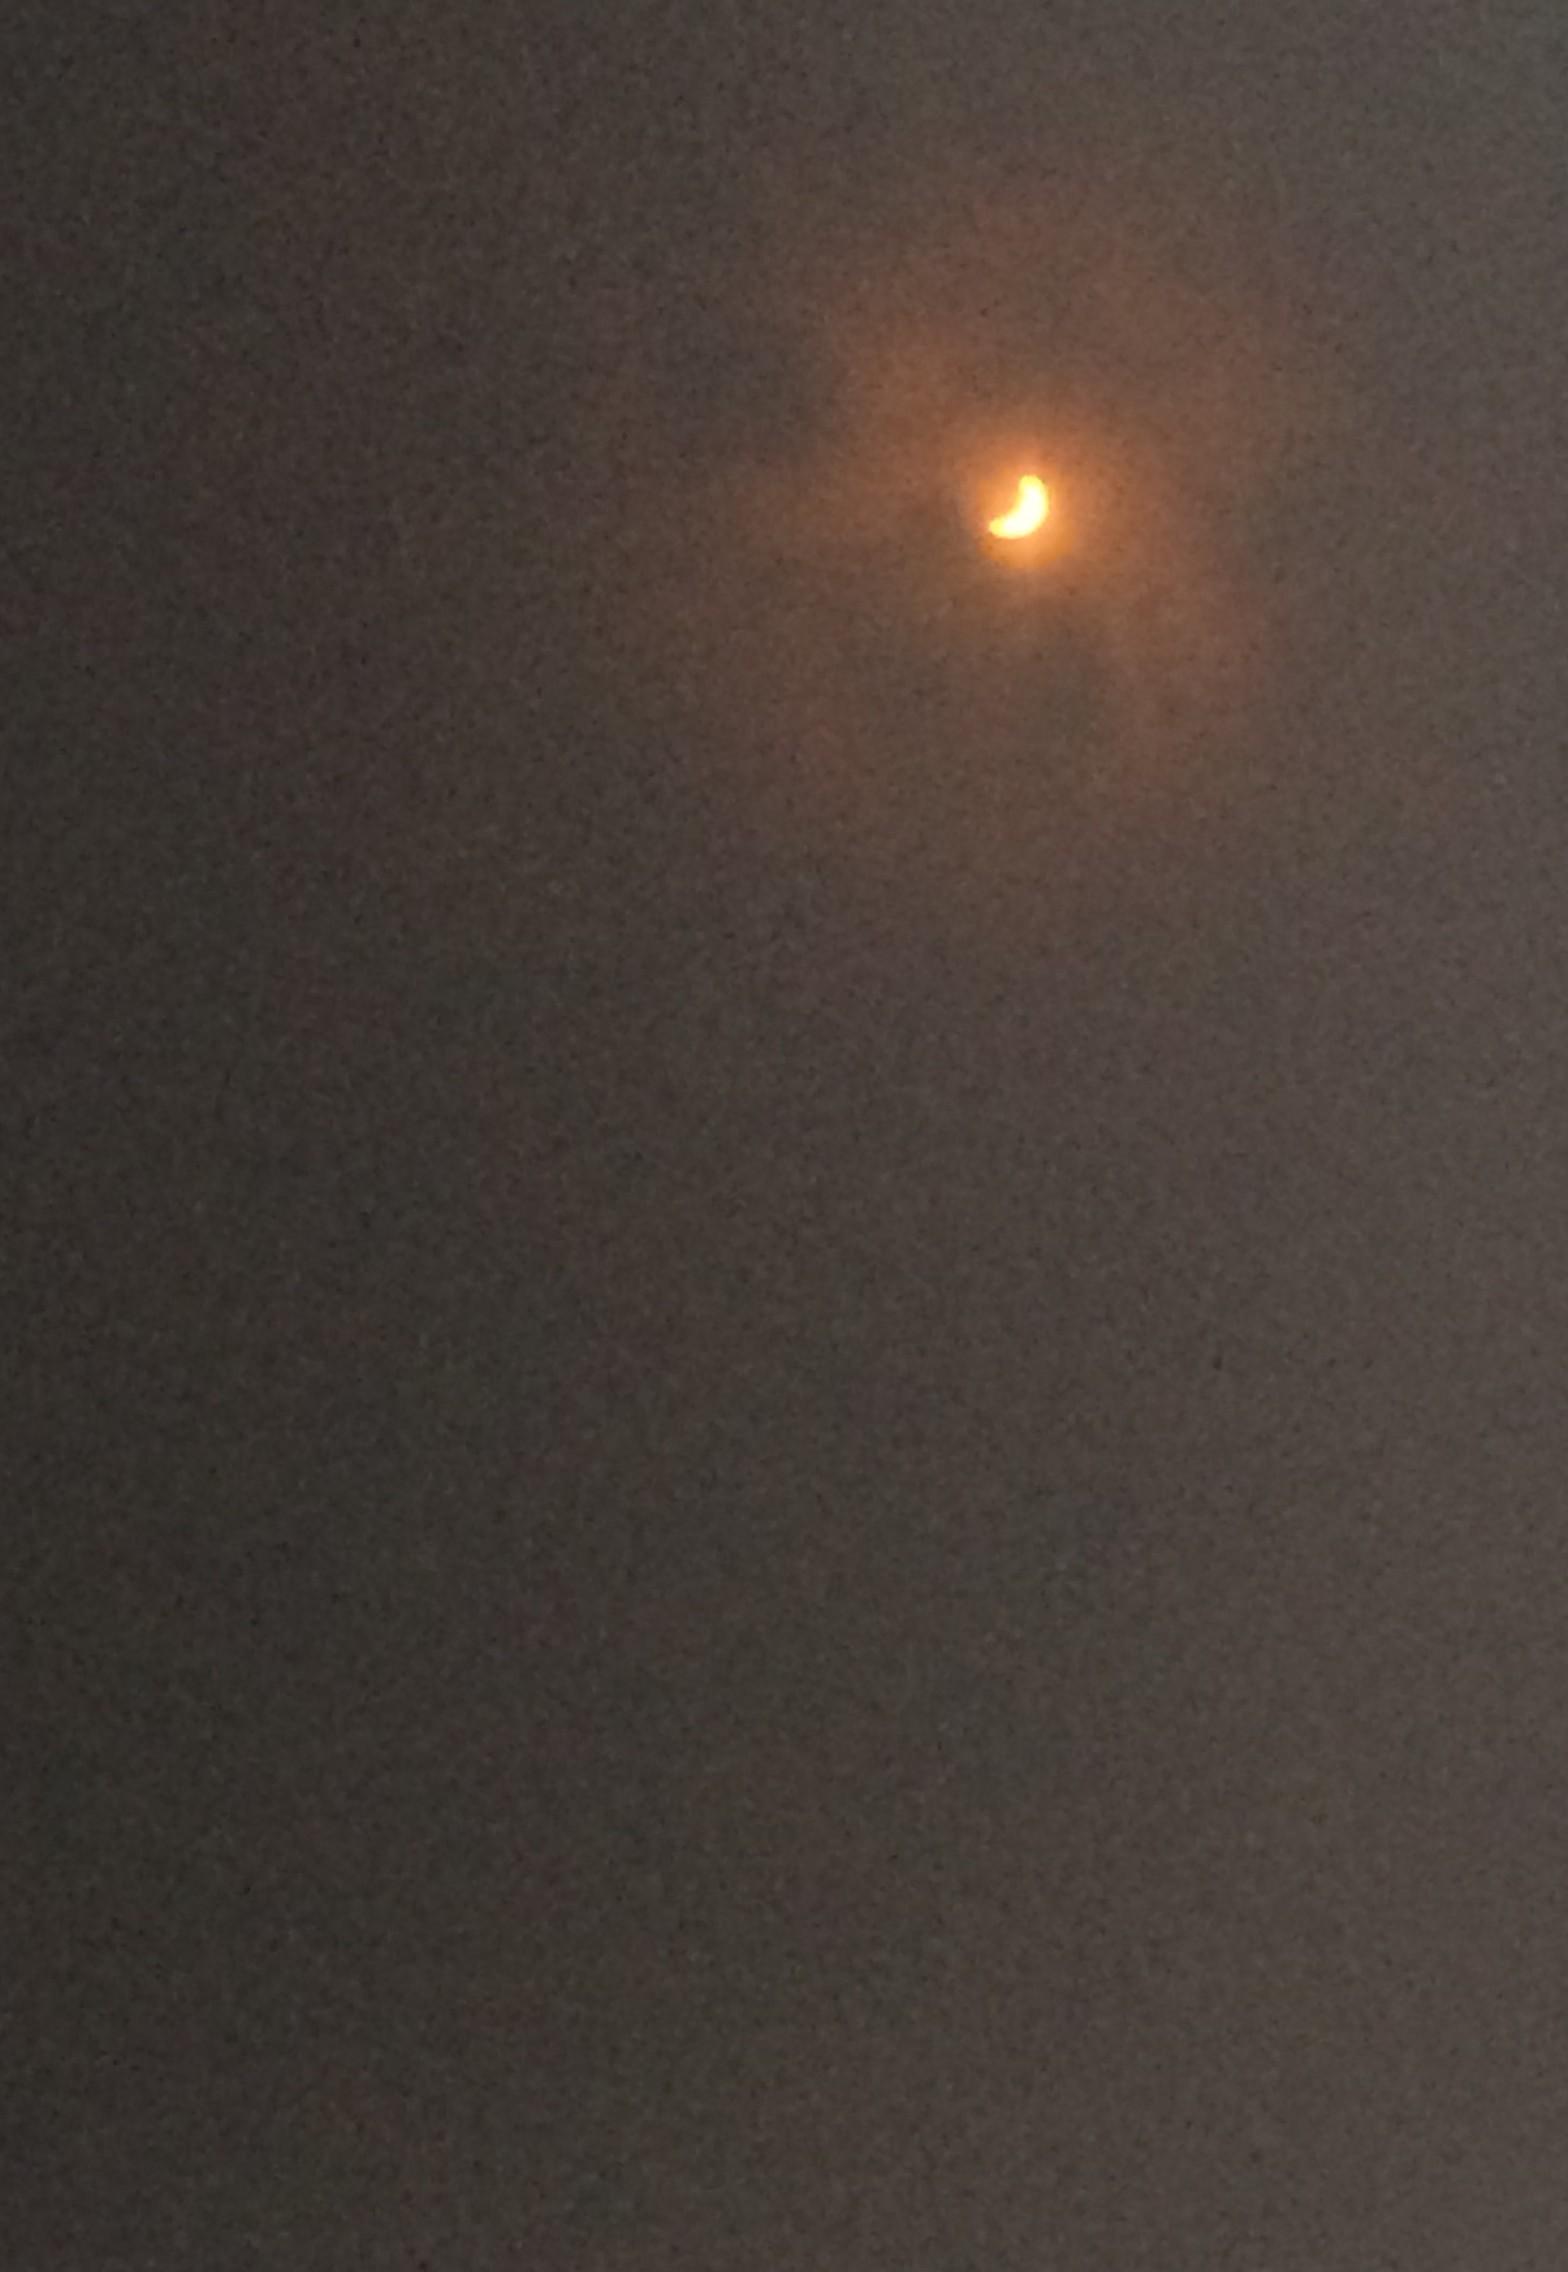 Eclipsing Sun Through Protective Lenses